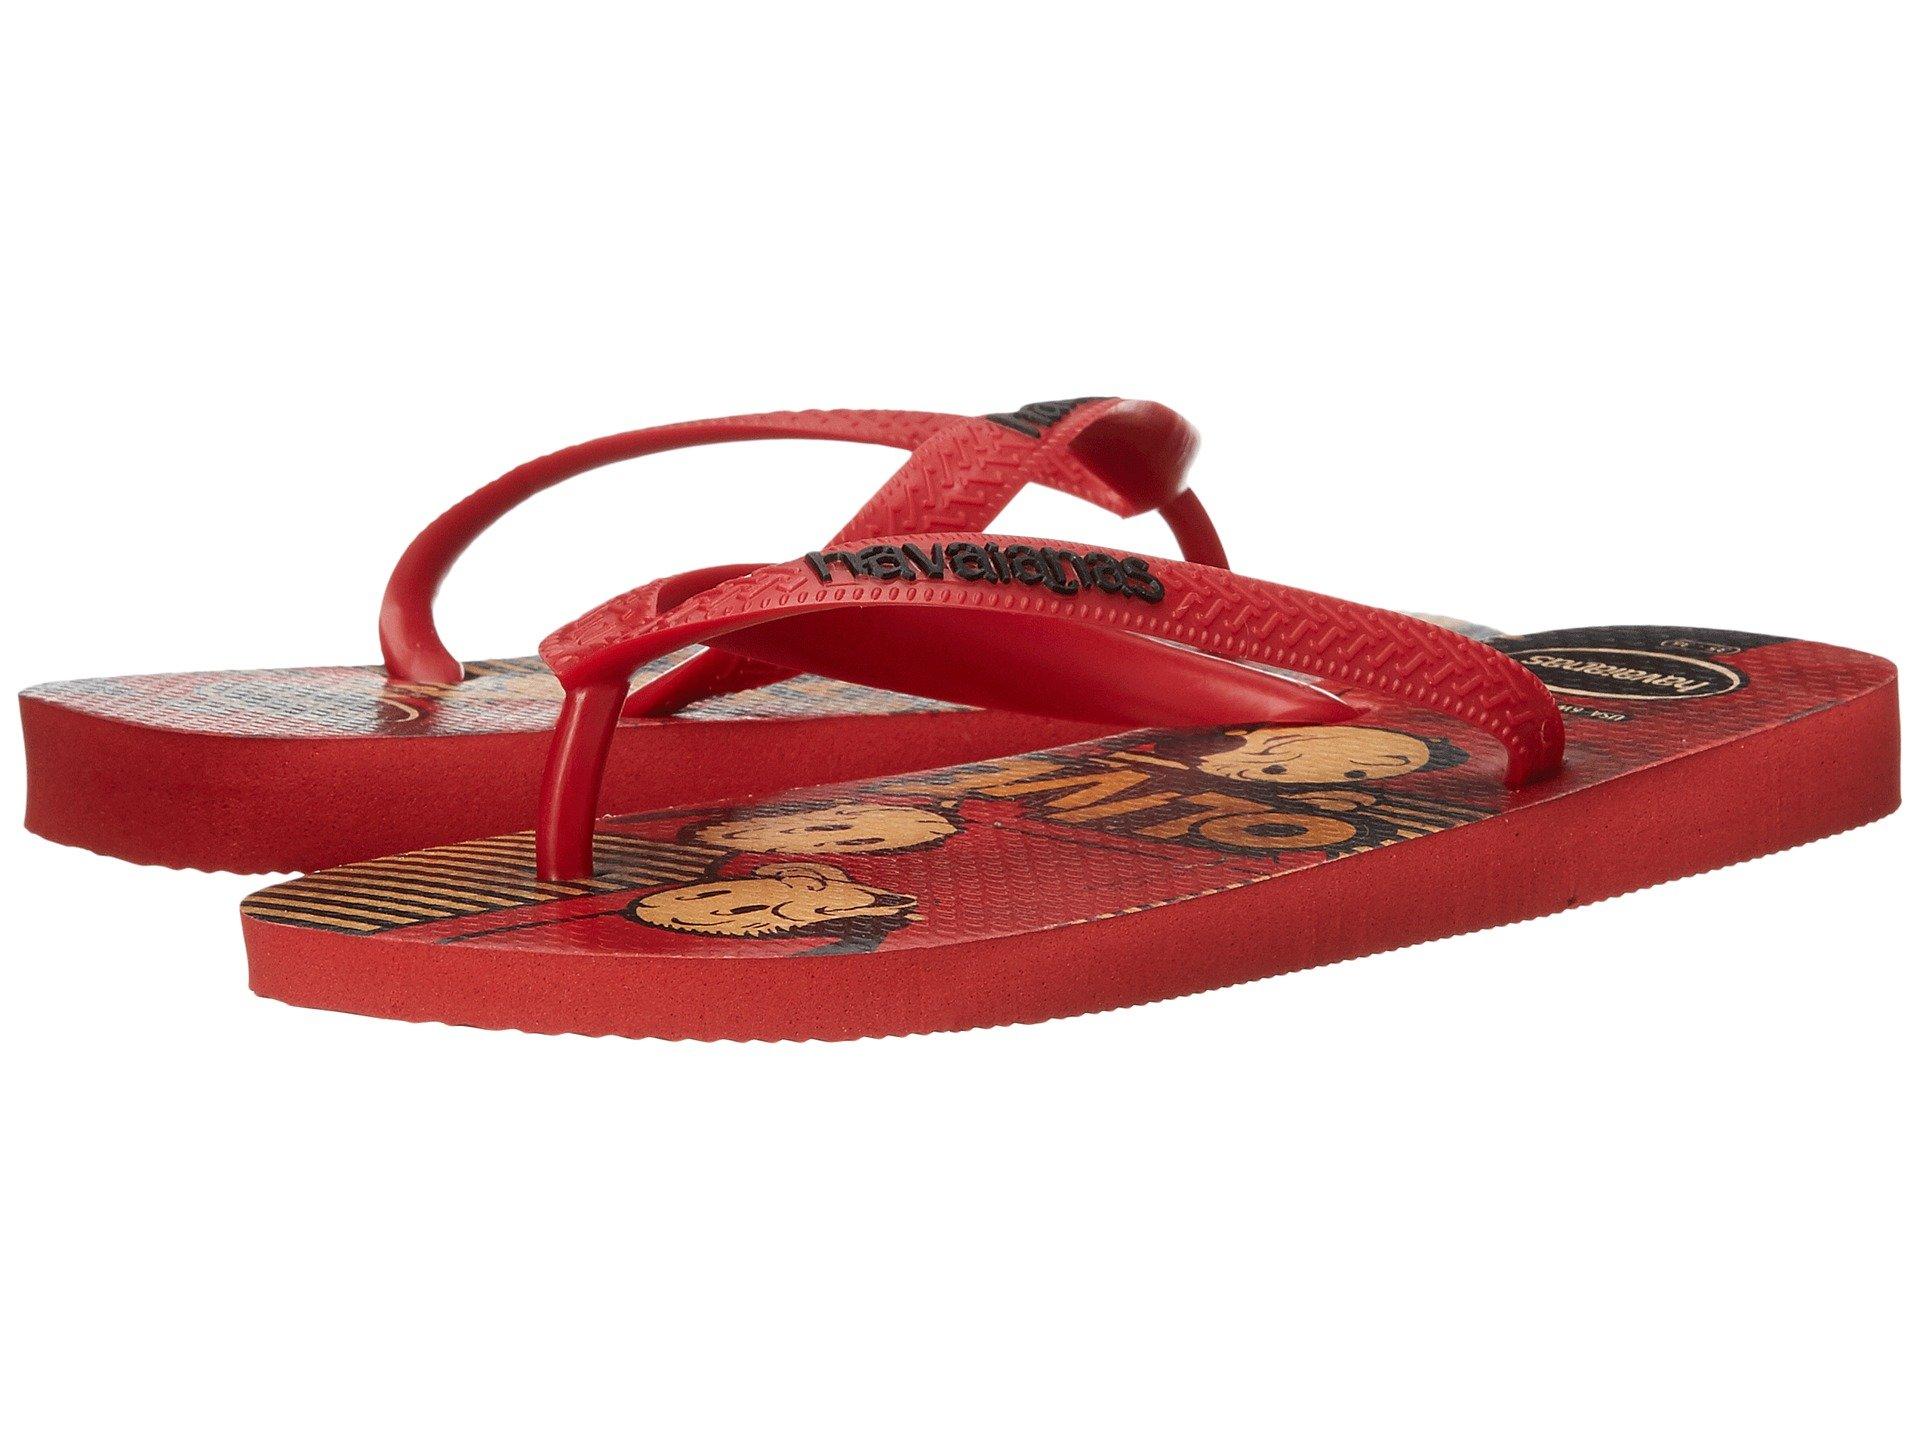 Popeye Flip-Flops